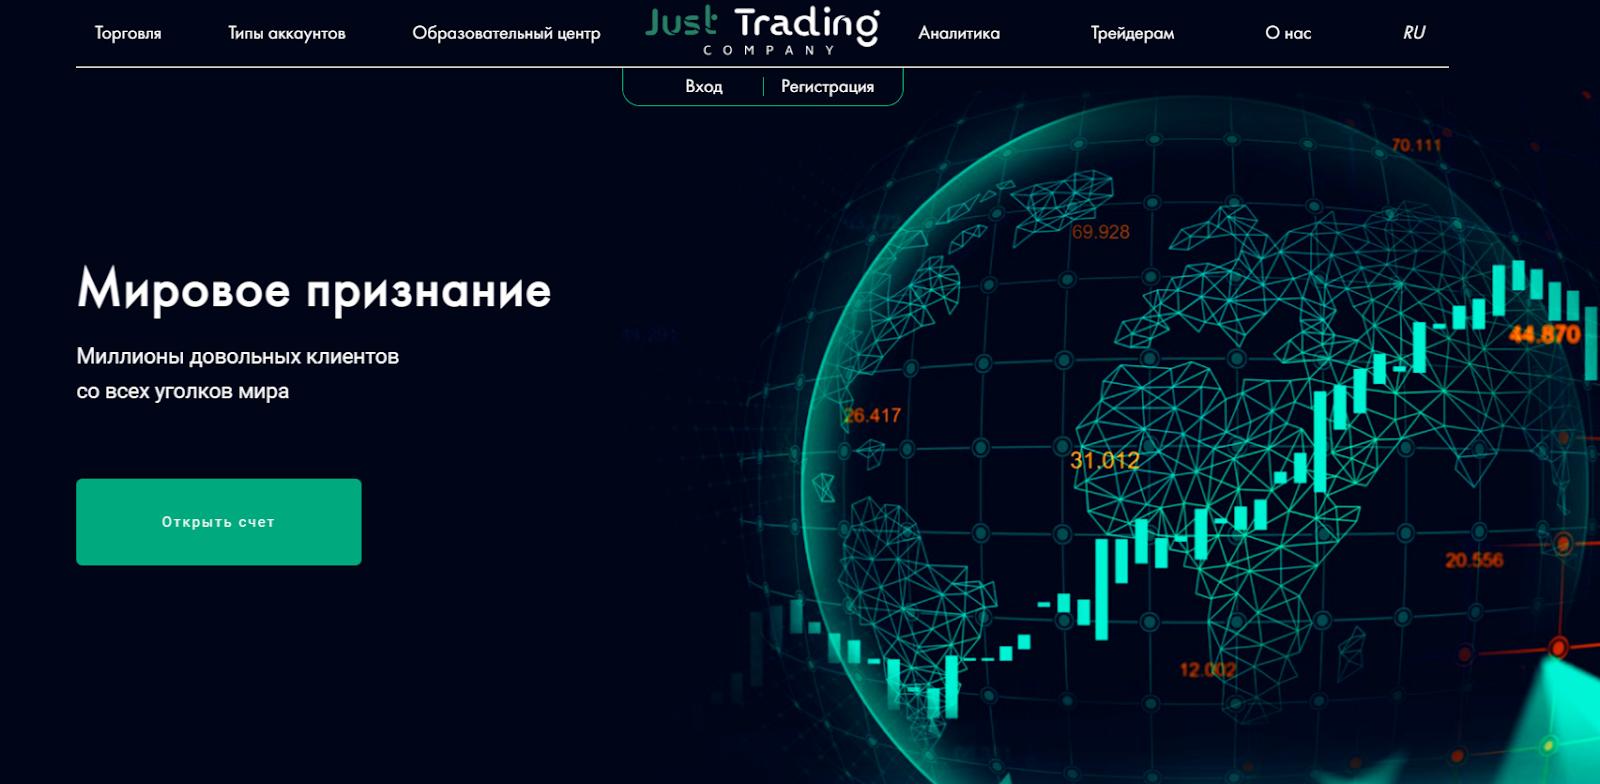 Отзывы о Just Trading Company: что предлагает брокер? реальные отзывы